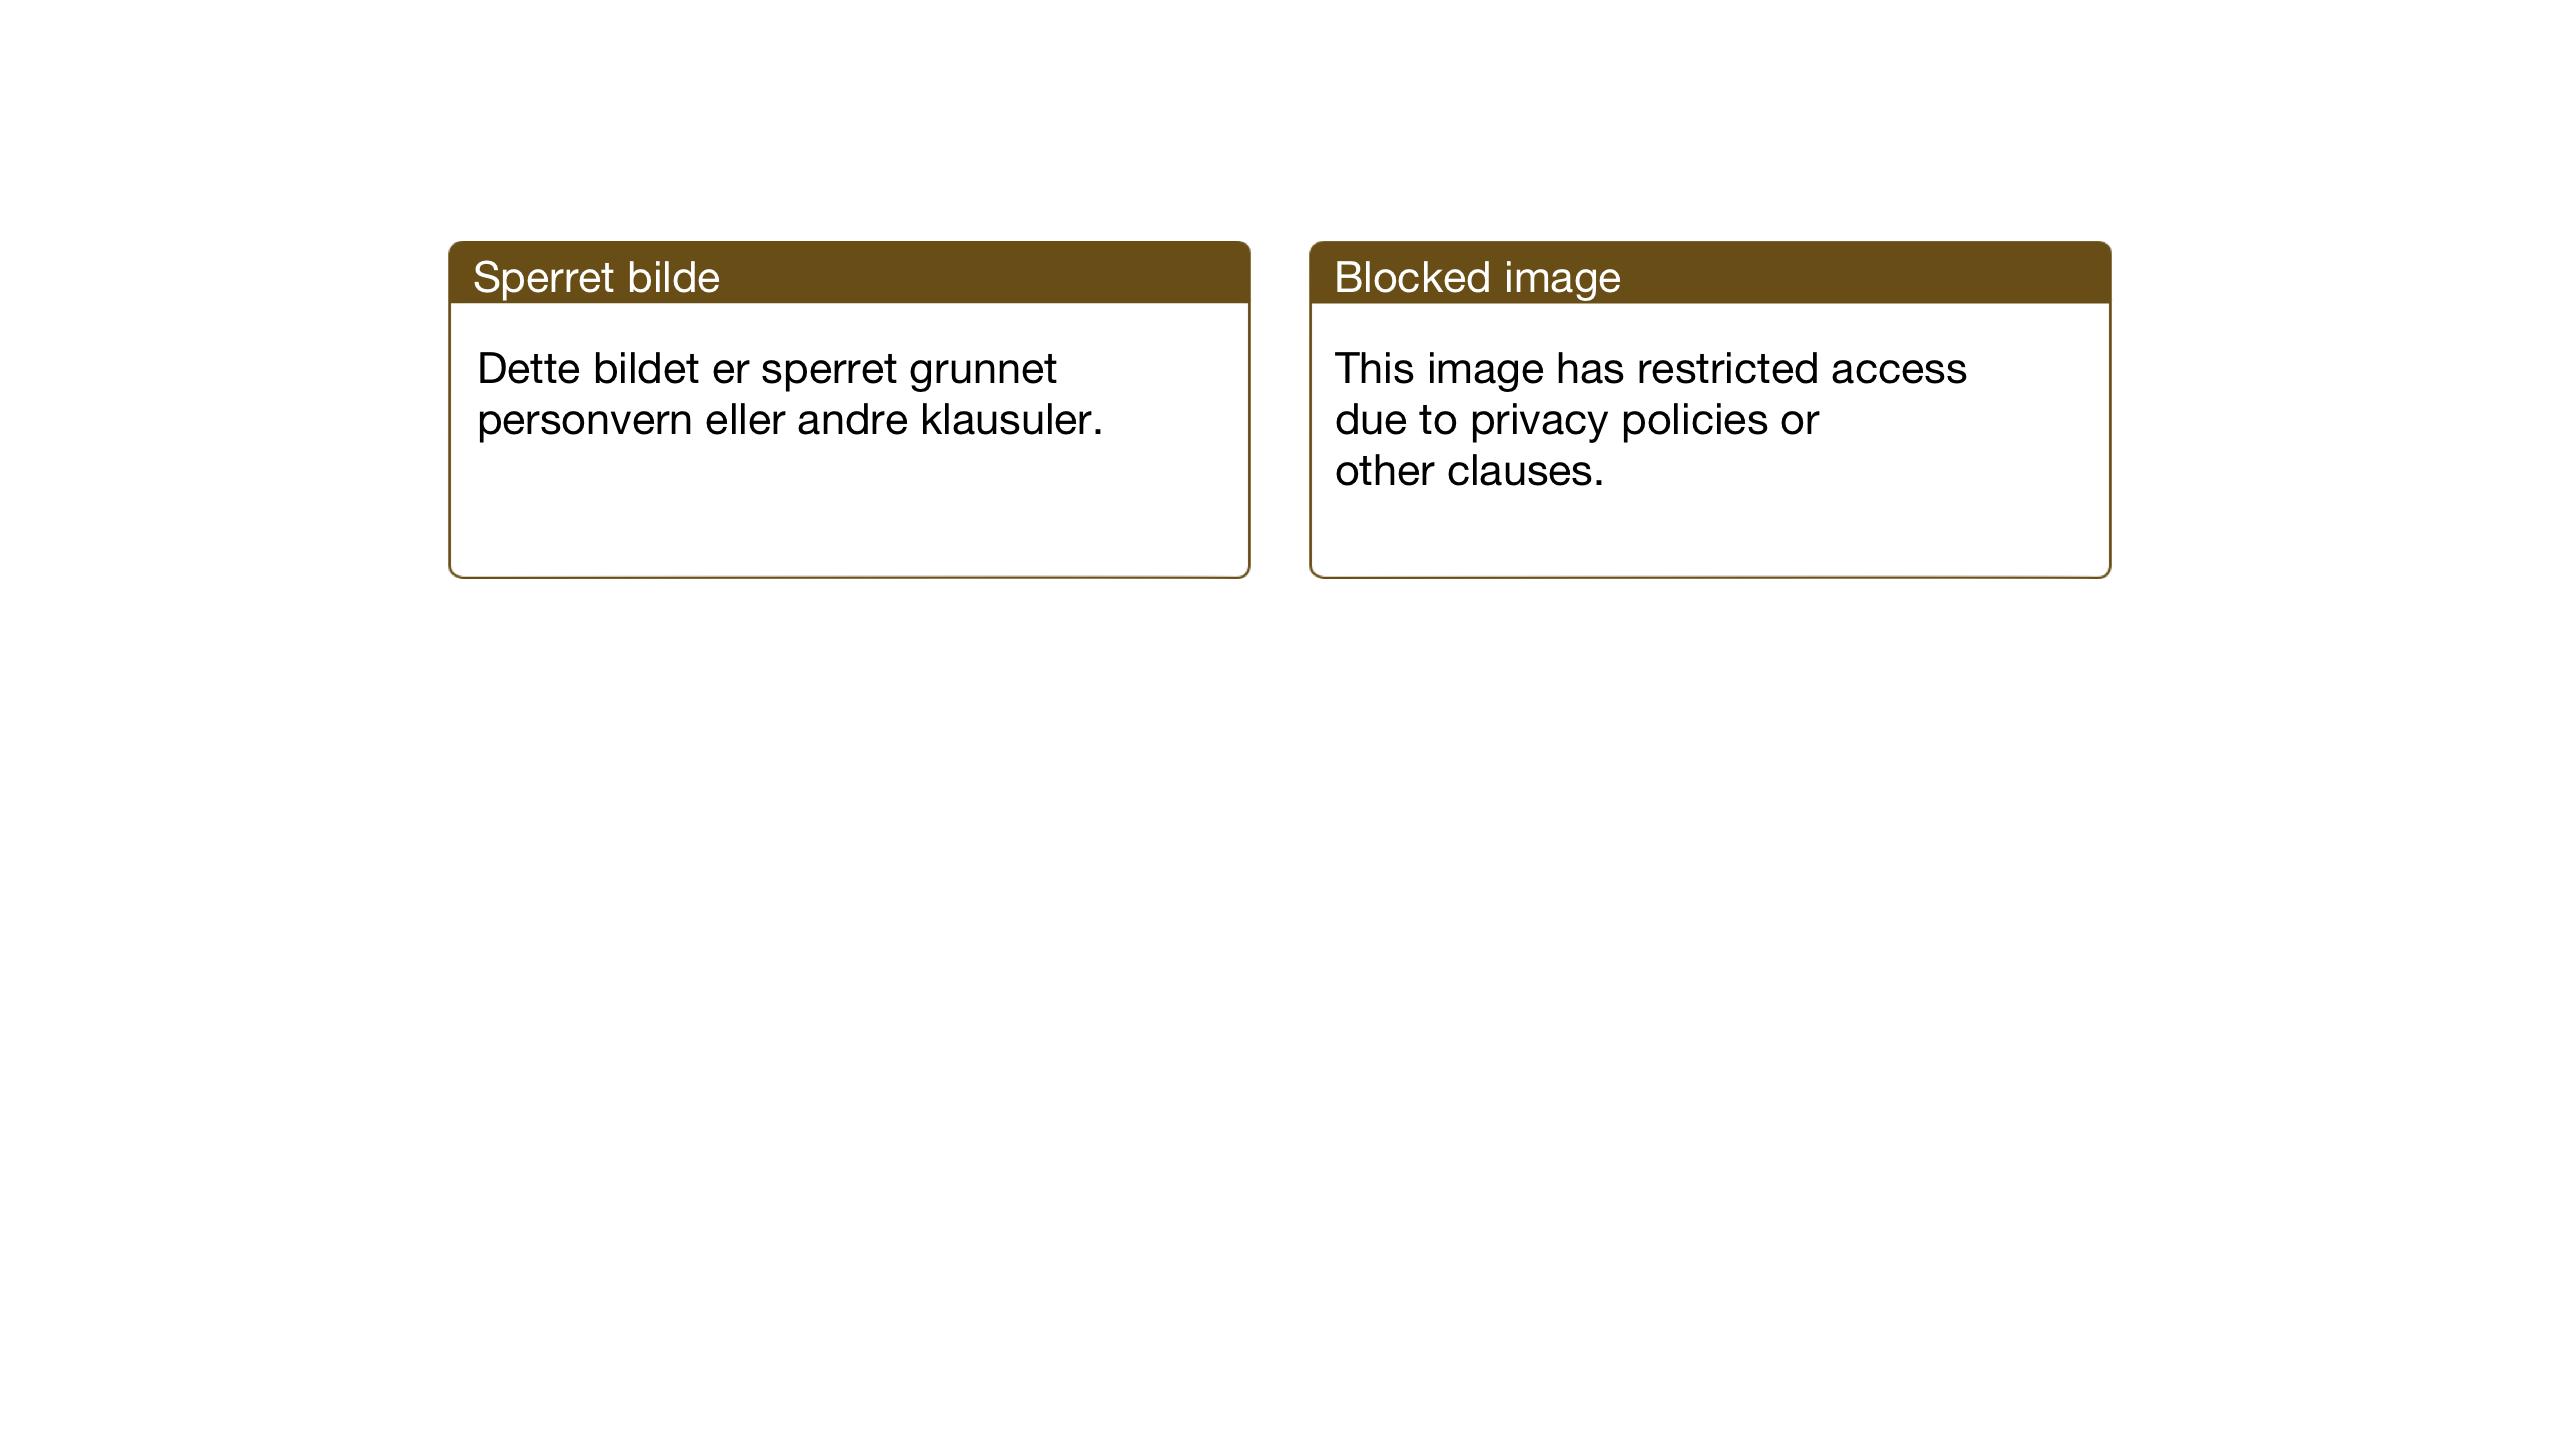 SAT, Ministerialprotokoller, klokkerbøker og fødselsregistre - Sør-Trøndelag, 630/L0508: Klokkerbok nr. 630C06, 1933-1950, s. 110